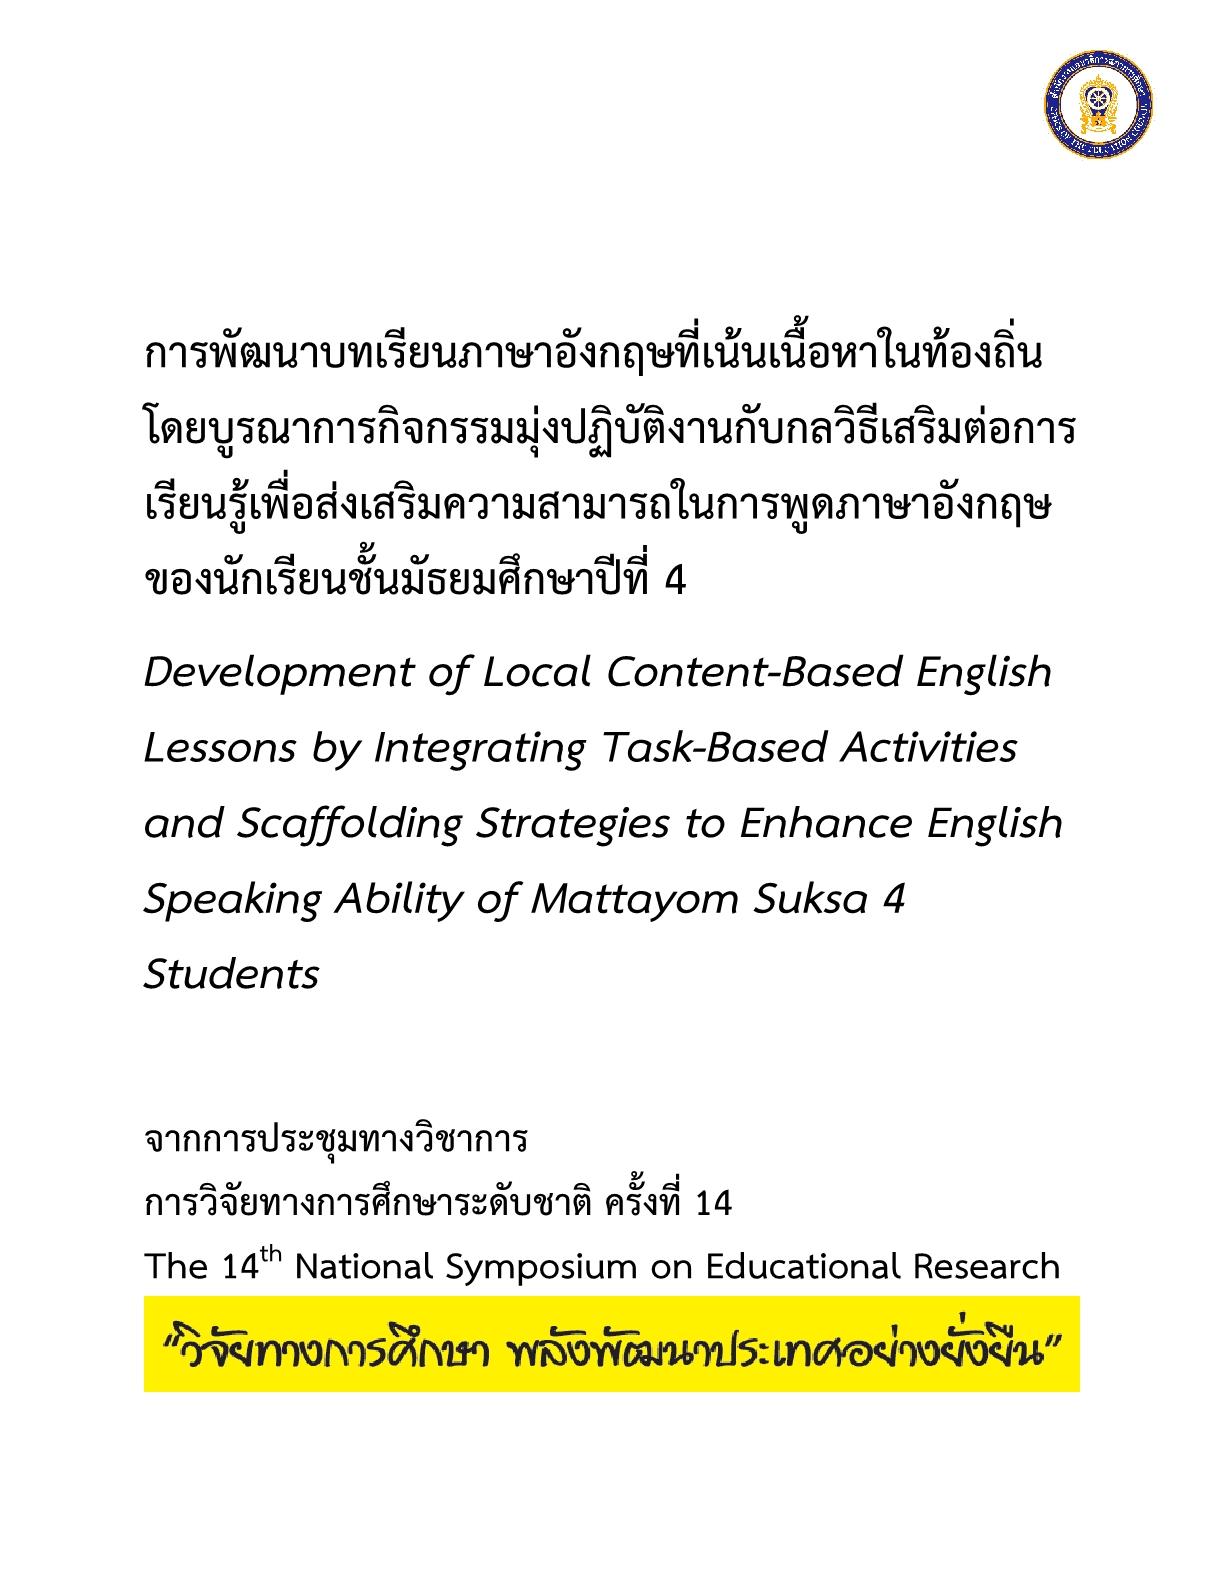 การพัฒนาบทเรียนภาษาอังกฤษที่เน้นเนื้อหาในท้องถิ่น โดยบูรณาการกิจกรรมมุ่งปฏิบัติงานกับกลวิธีเสริมต่อการเรียนรู้เพื่อส่งเสริมความสามารถในการพูดภาษาอังกฤษ ของนักเรียนชั้นมัธยมศึกษาปีที่ 4